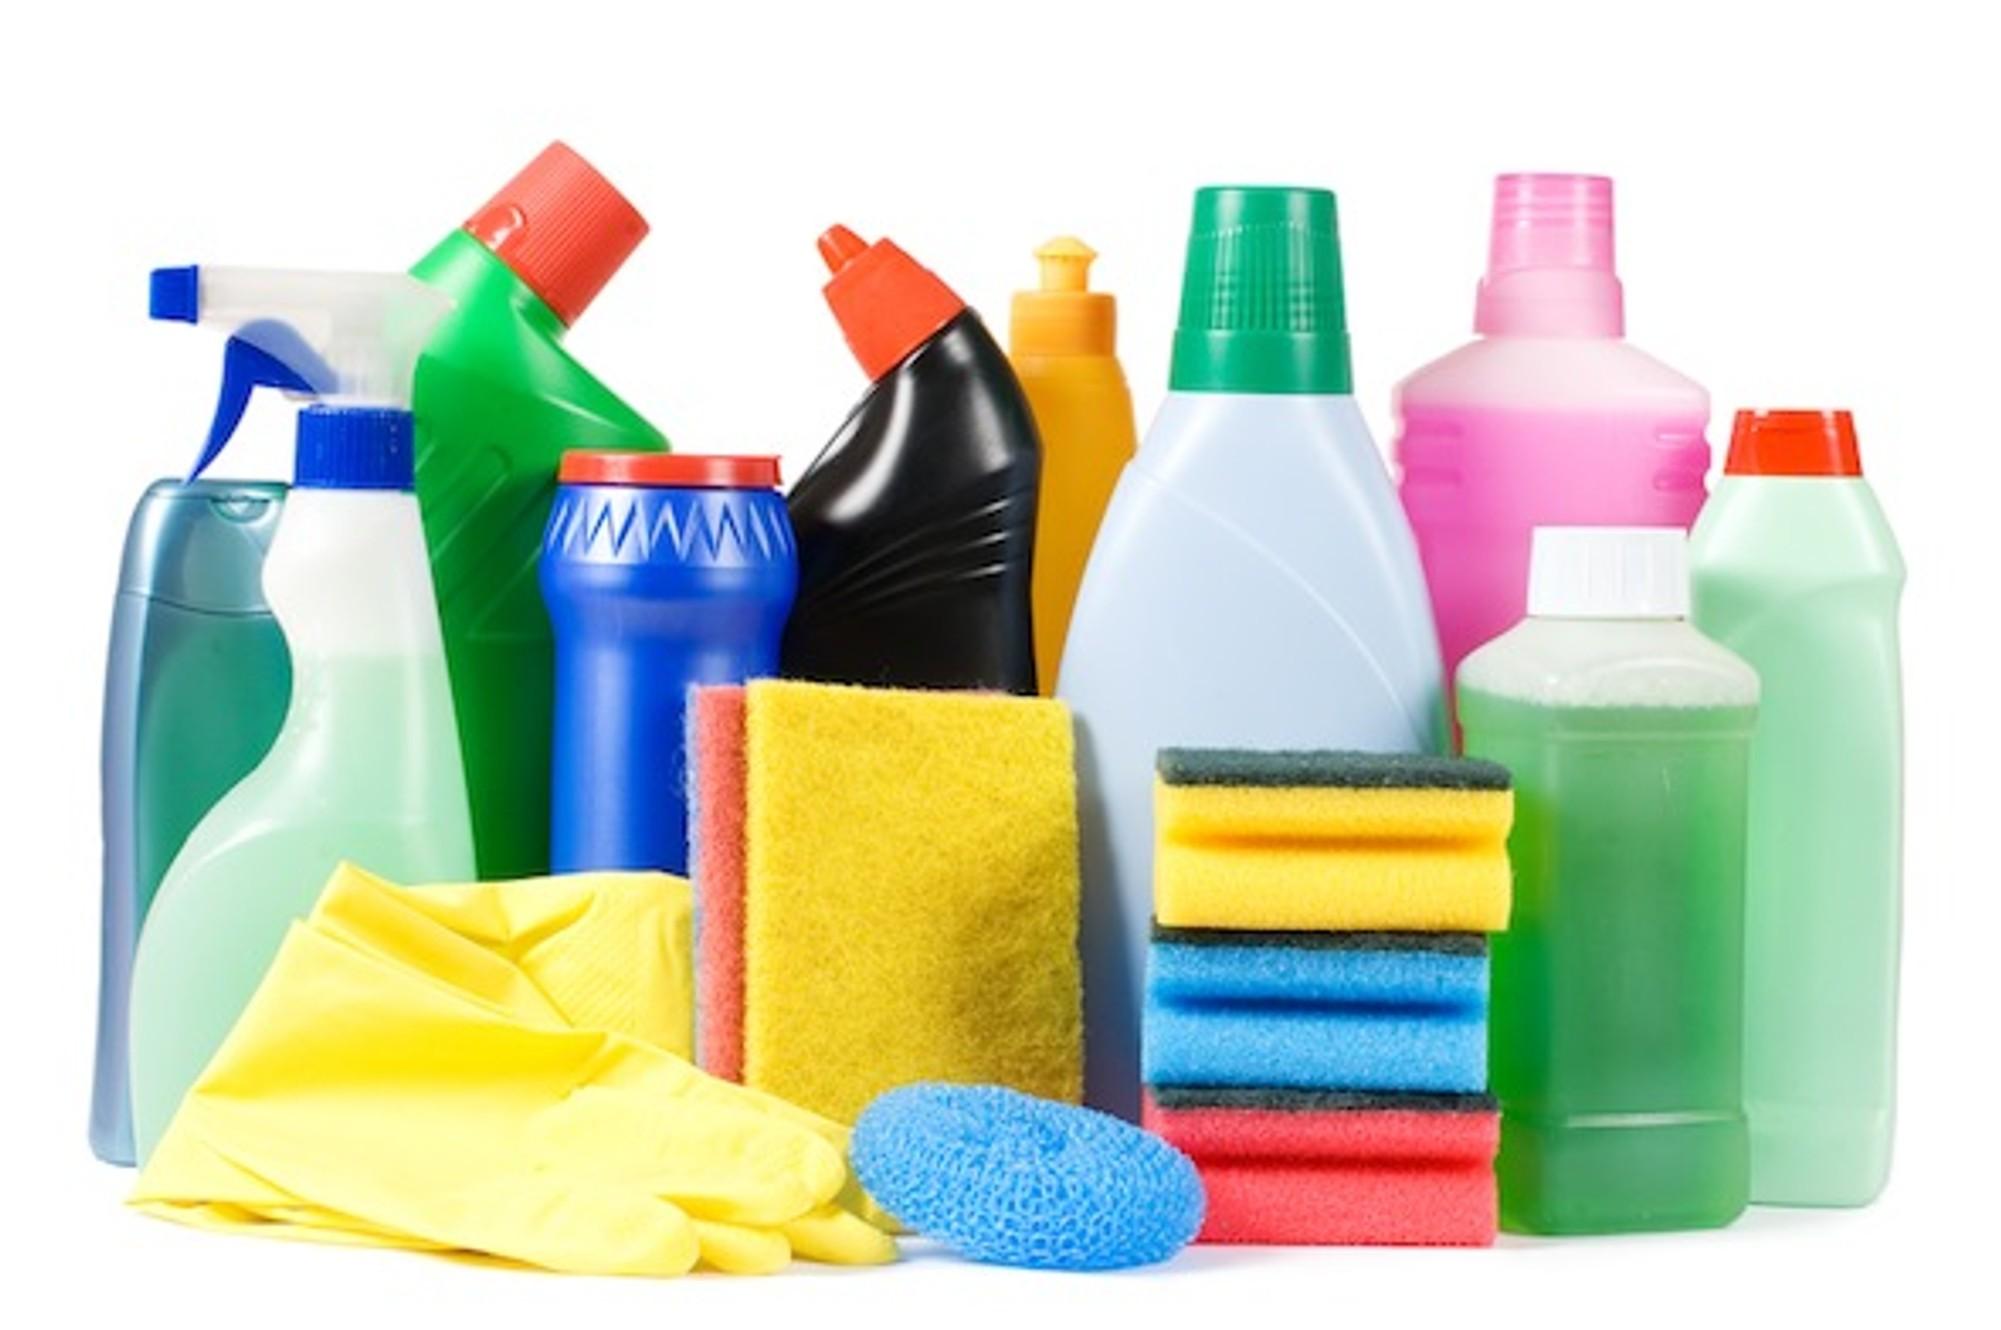 Κορωνοϊός: Μπορούν να τον καταπολεμήσουν τα αυτοσχέδια καθαριστικά;